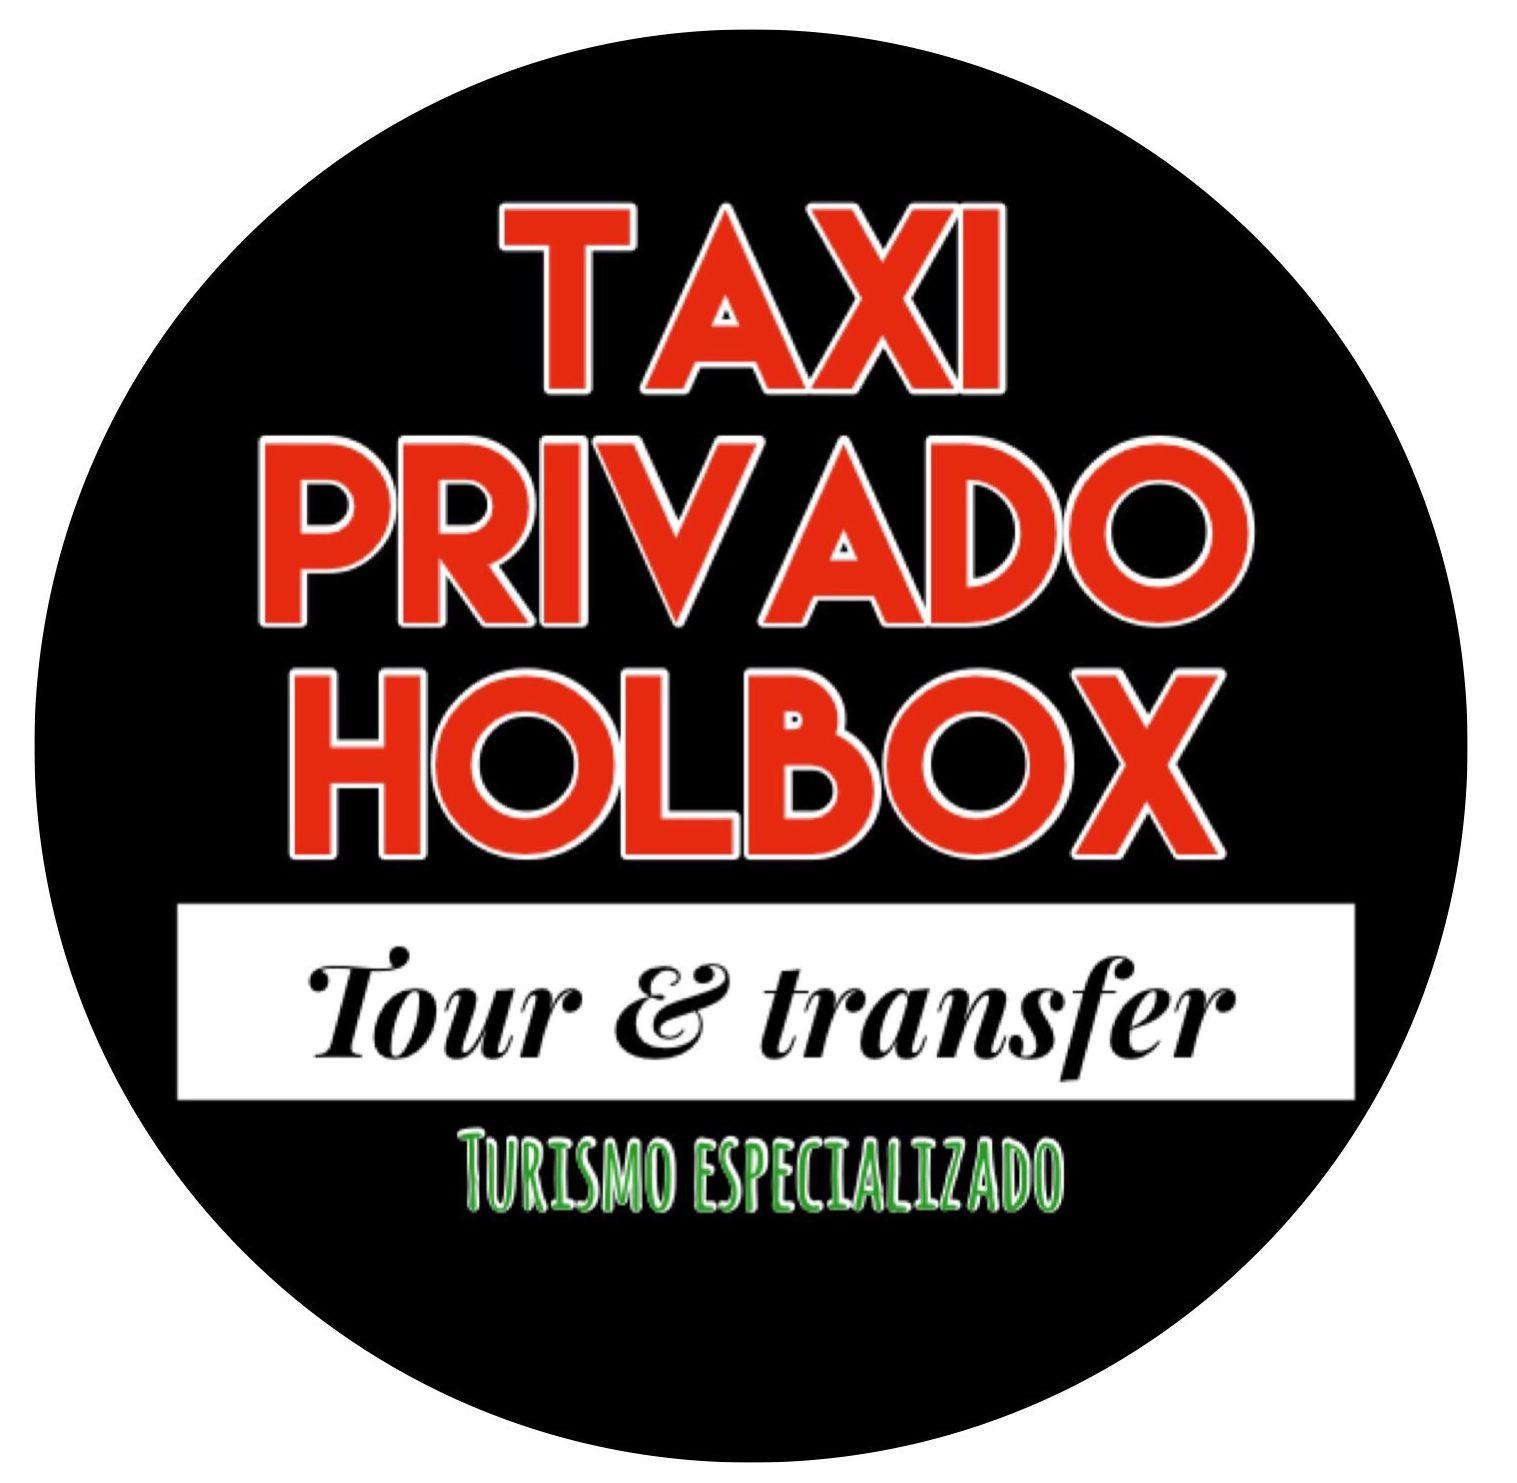 Taxi Privado Holbox